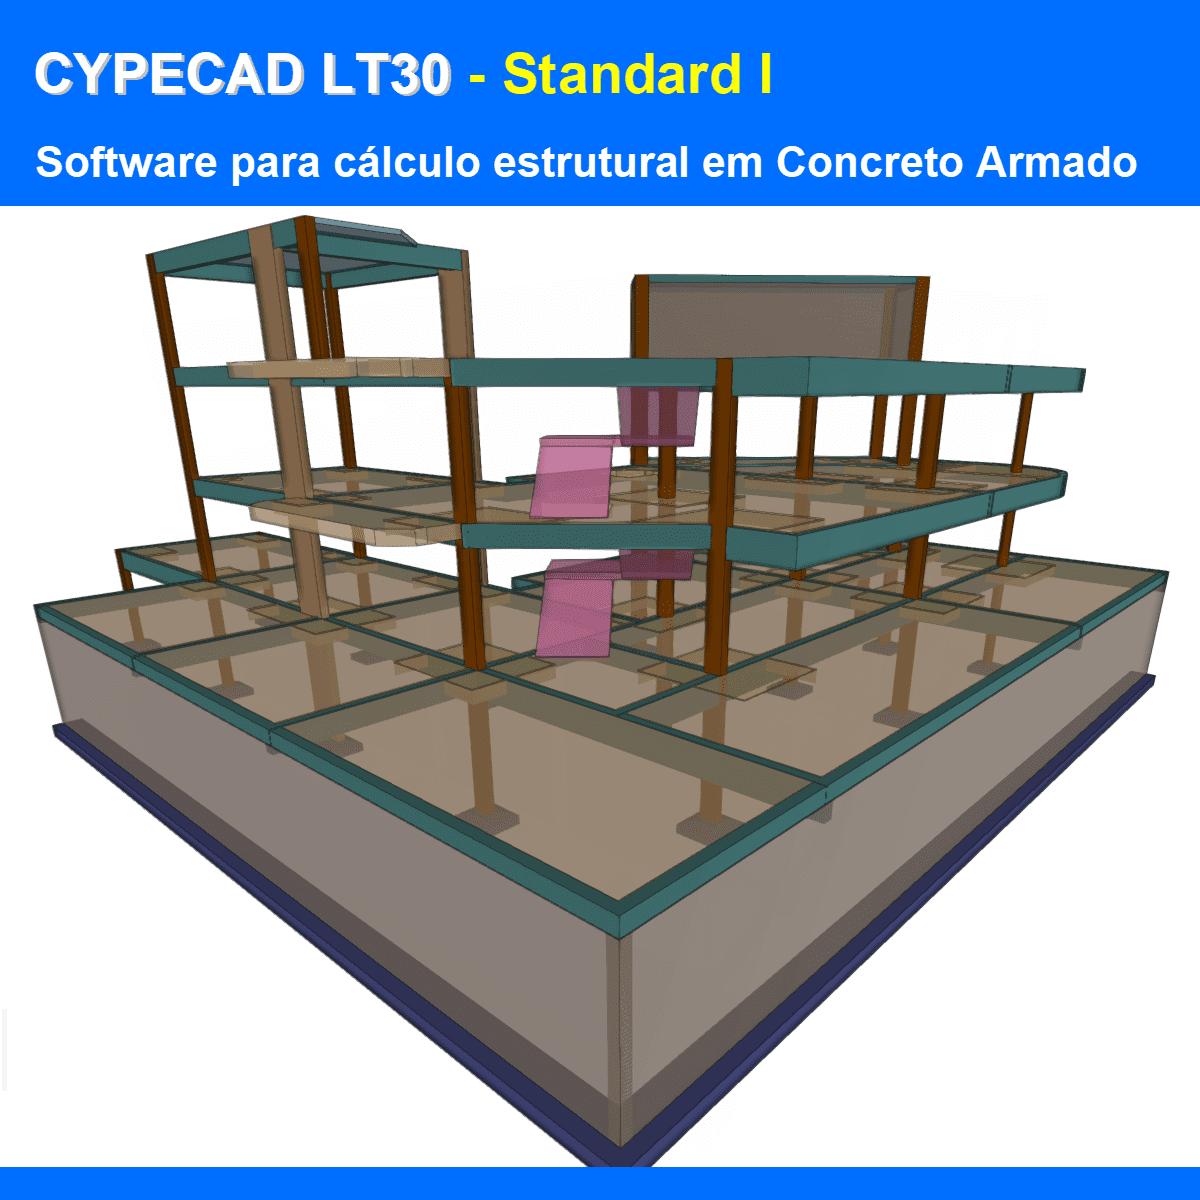 """Software CYPECAD LT30 Standard I versão 2021 (Licença Eletrônica) incluindo a modulação descrita em """"Itens Inclusos"""" a seguir  - MULTIPLUS SOFTWARES"""